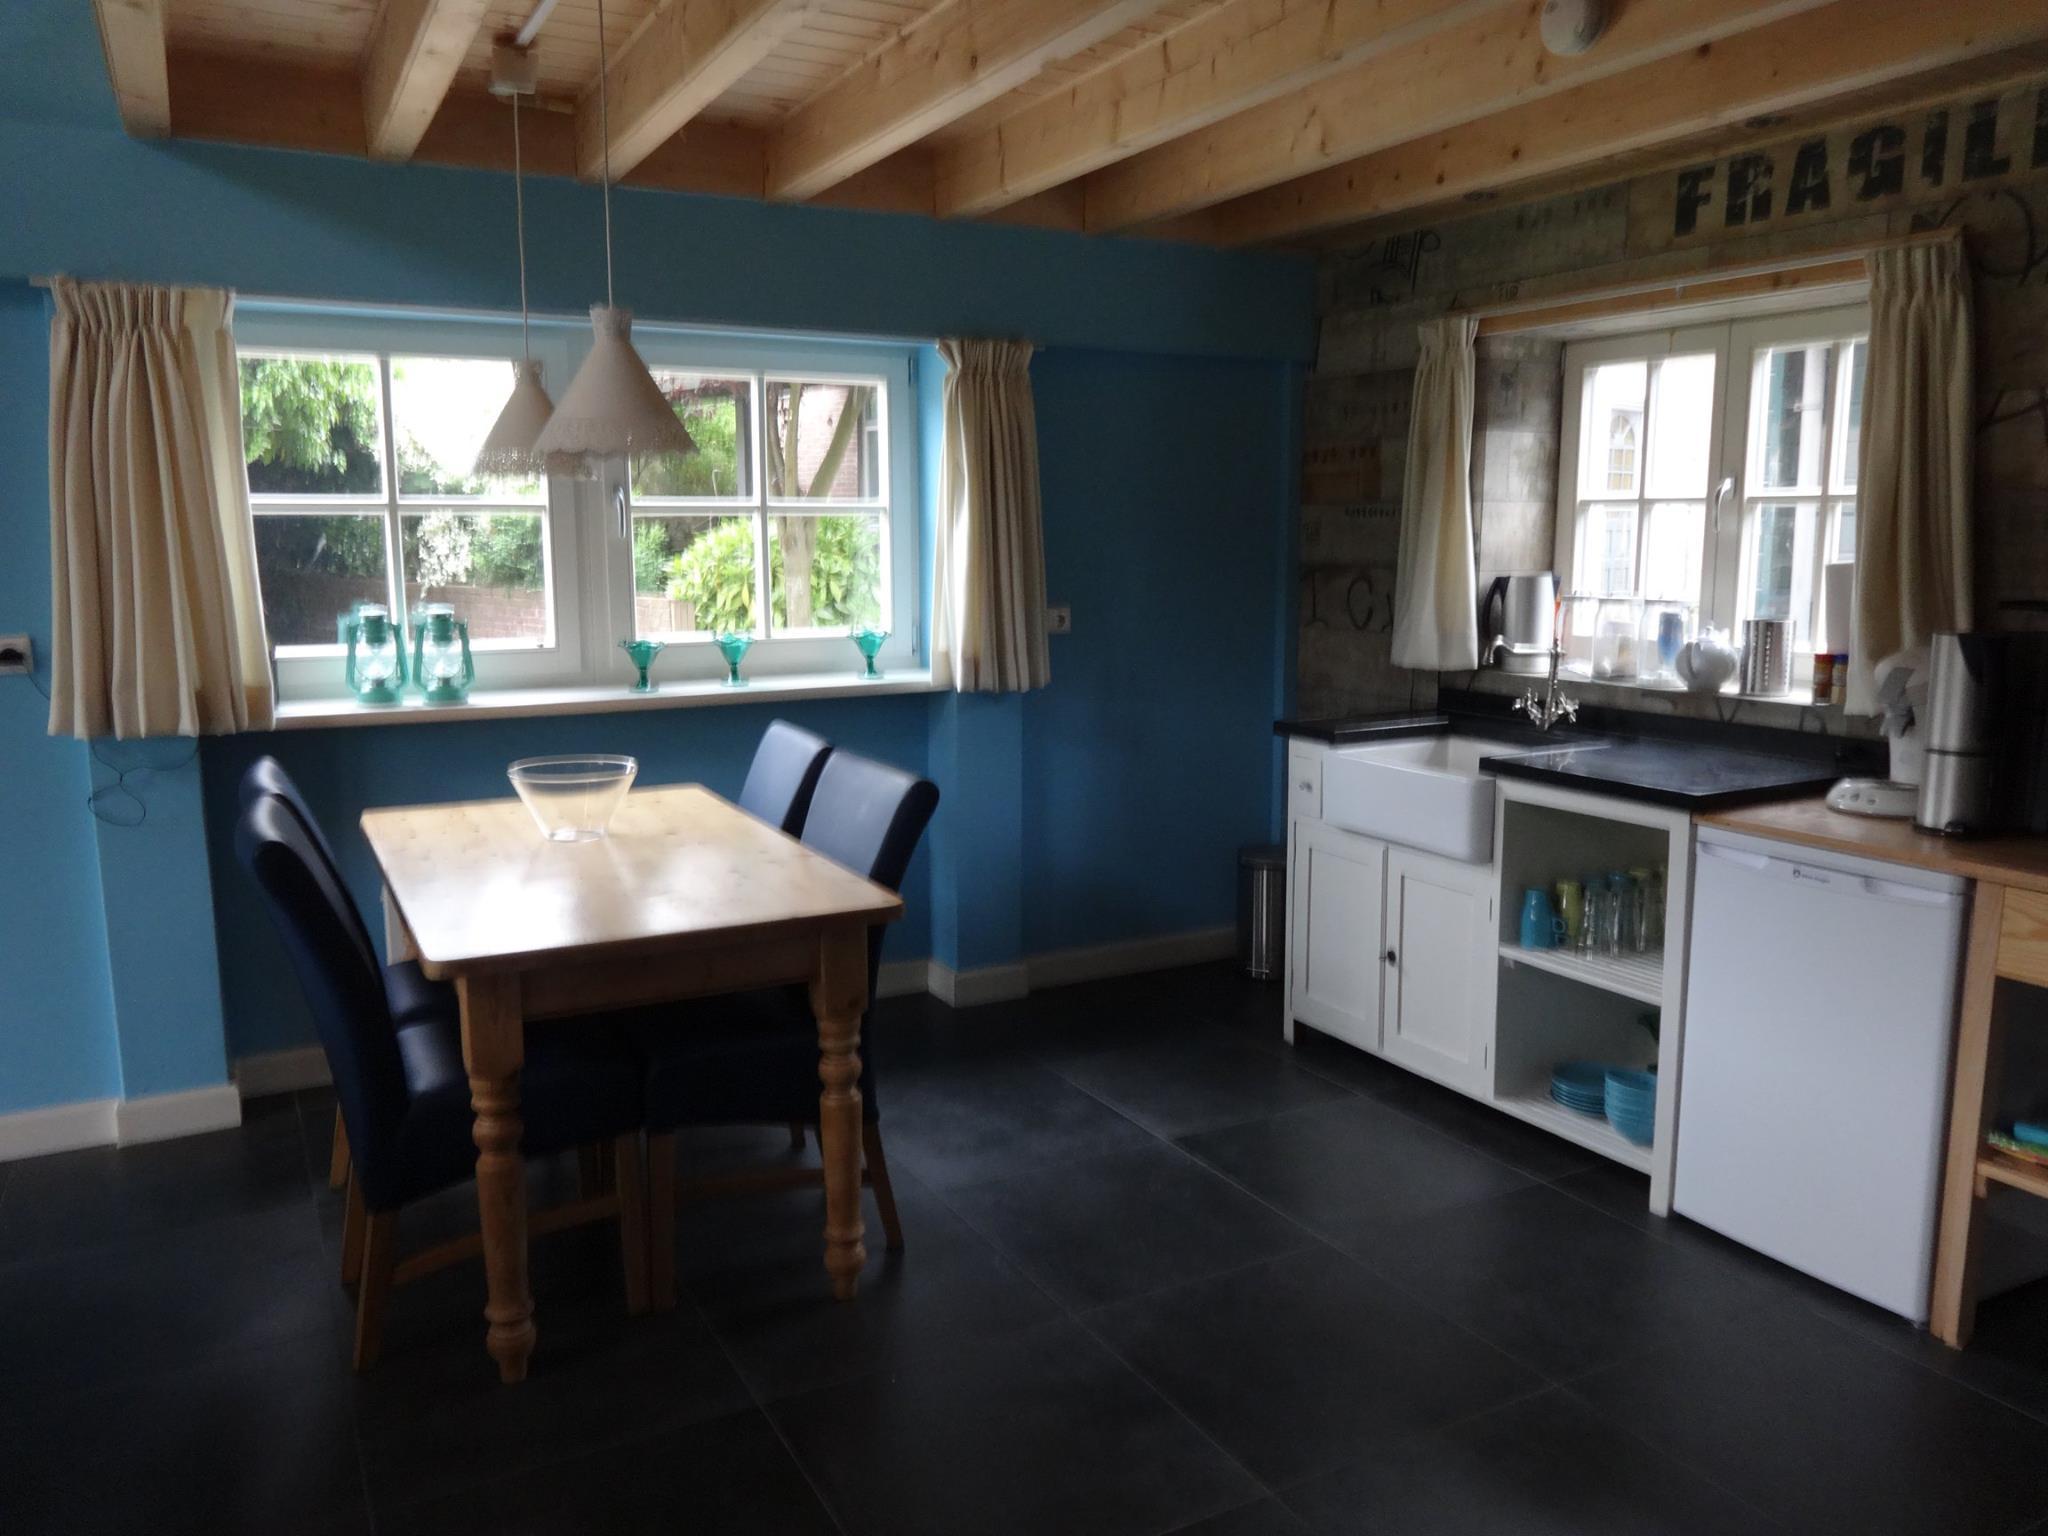 aanzicht-keuken-bed-en-breakfast-westerbork-midden-drenthe